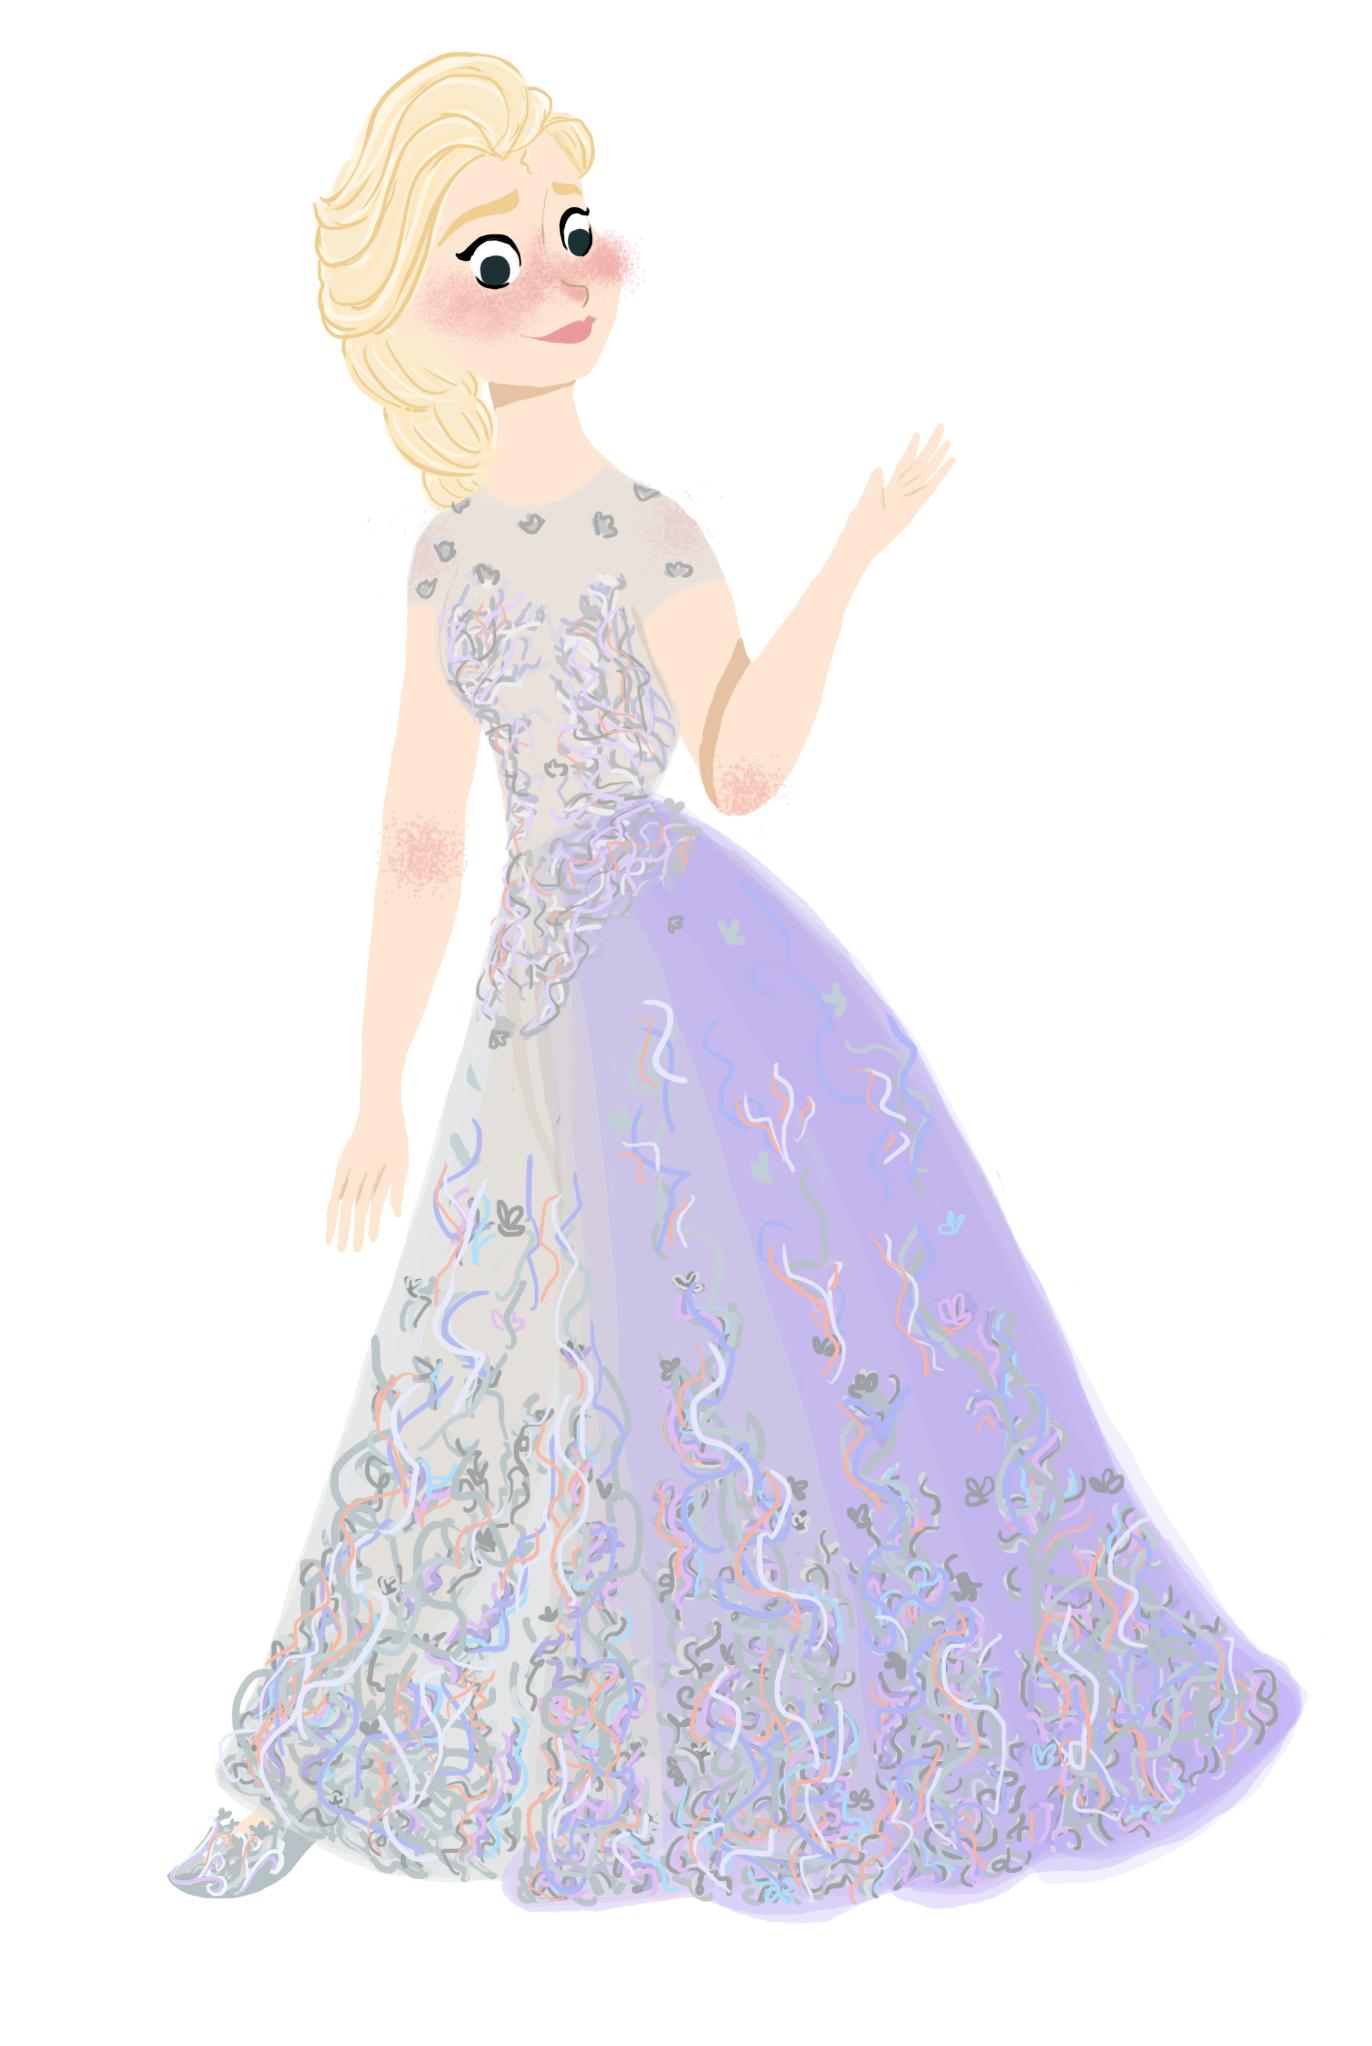 Elsa Frozen Fever Fan Art 38171784 Fanpop